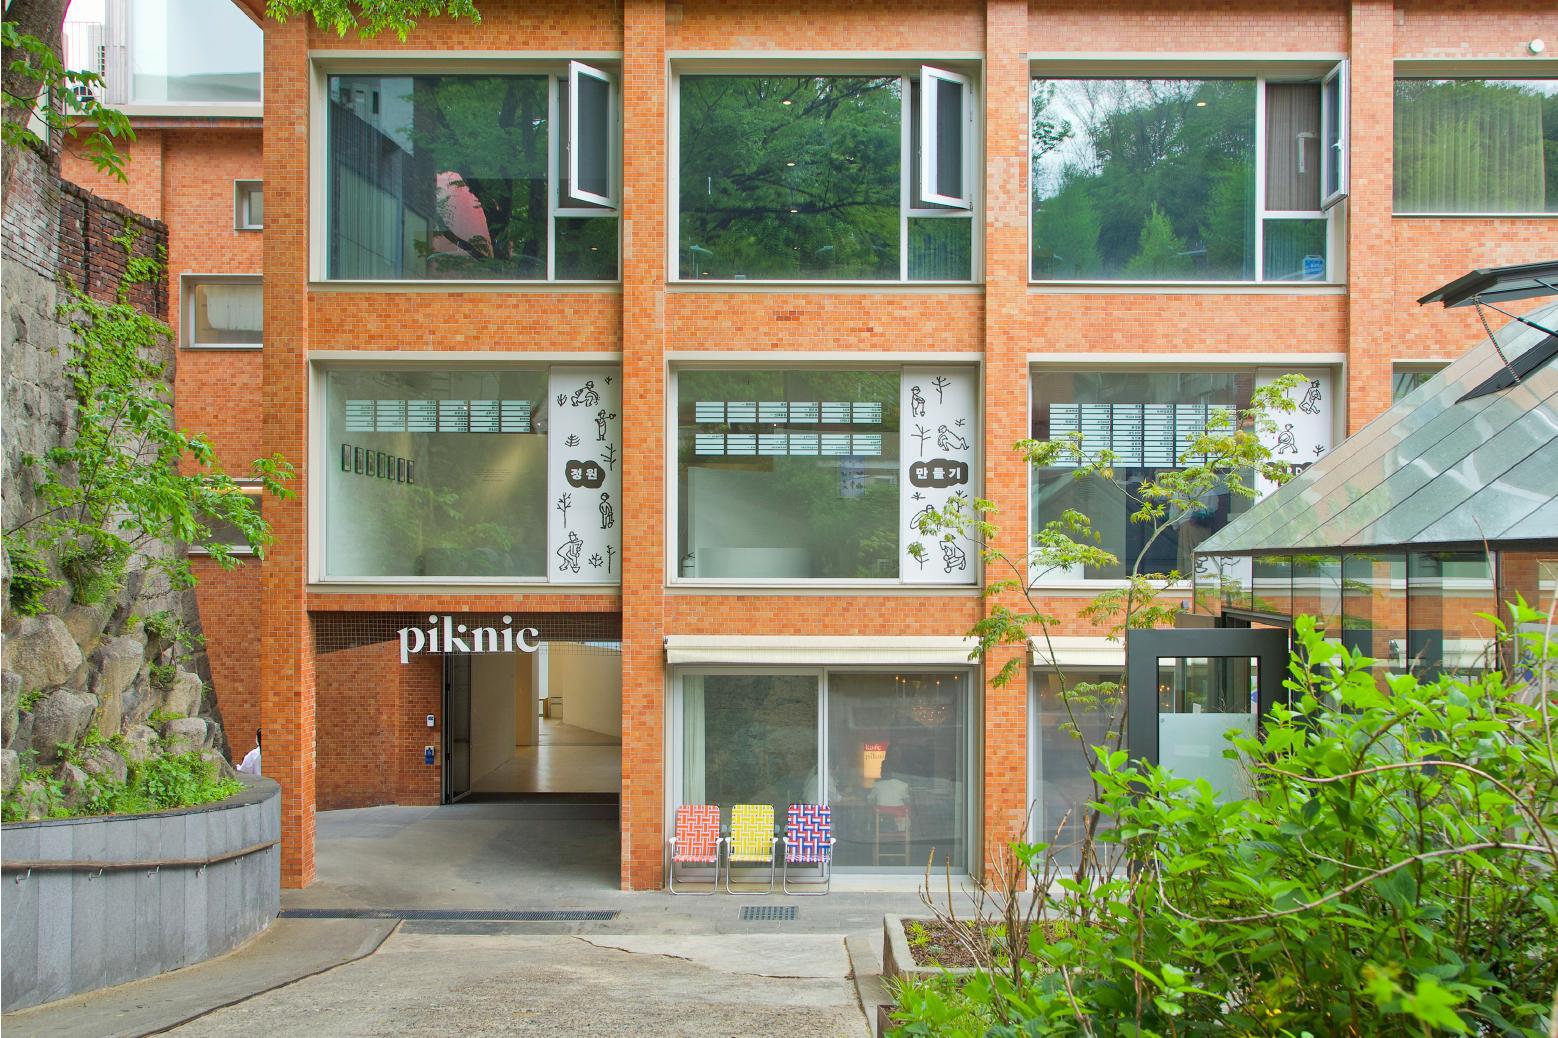 Вид на здание культурного комплекса Piknic, у которого много больших квадратных окон.